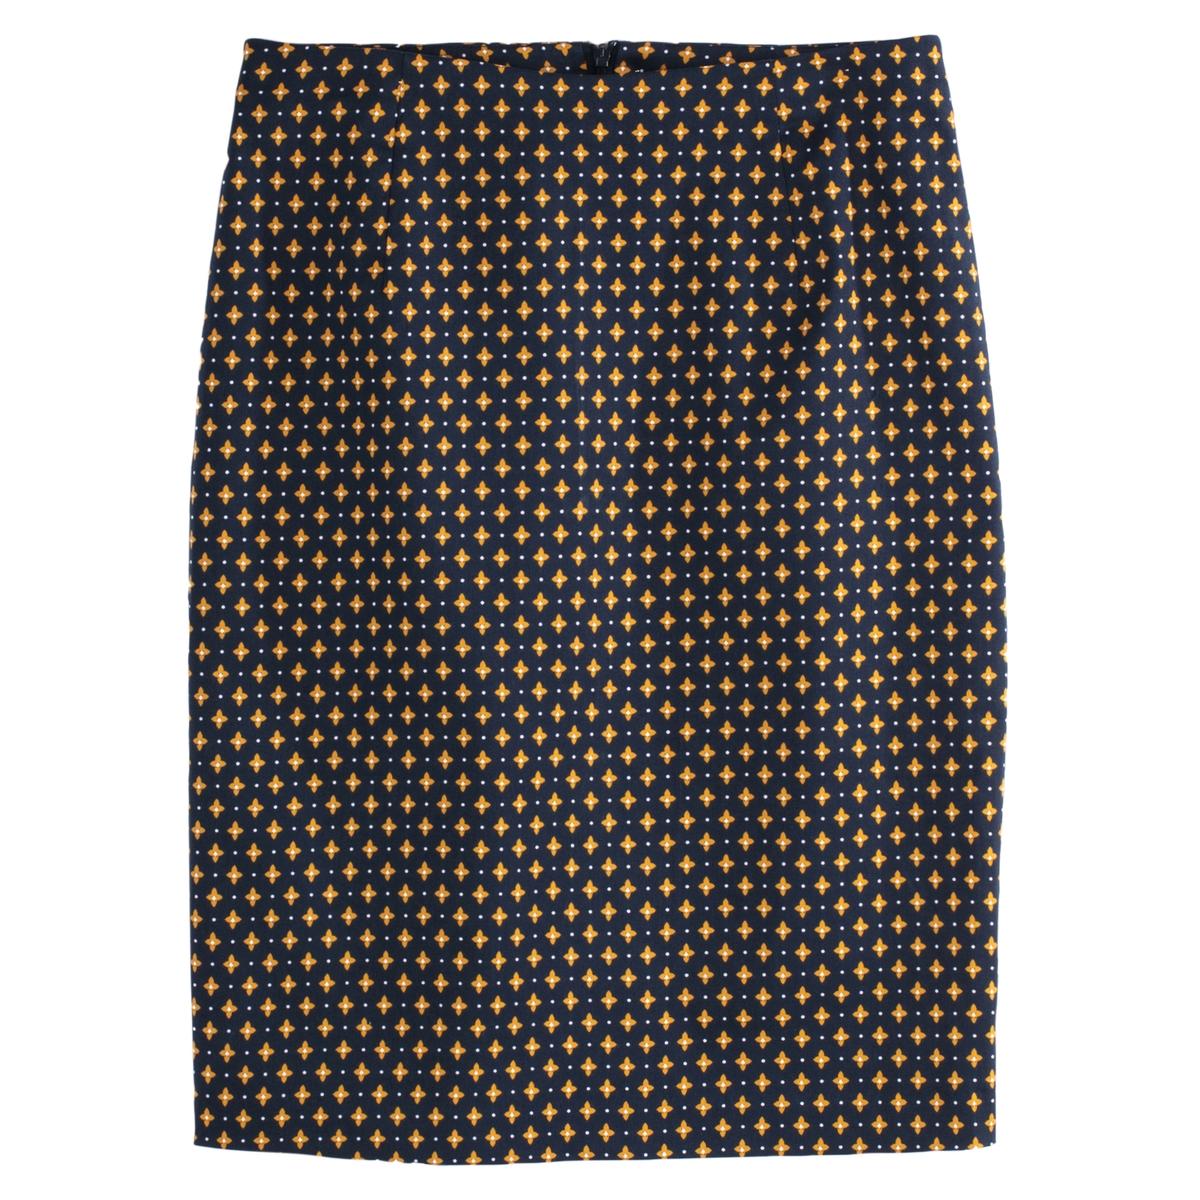 Falda tubo con estampado geométrico semilarga